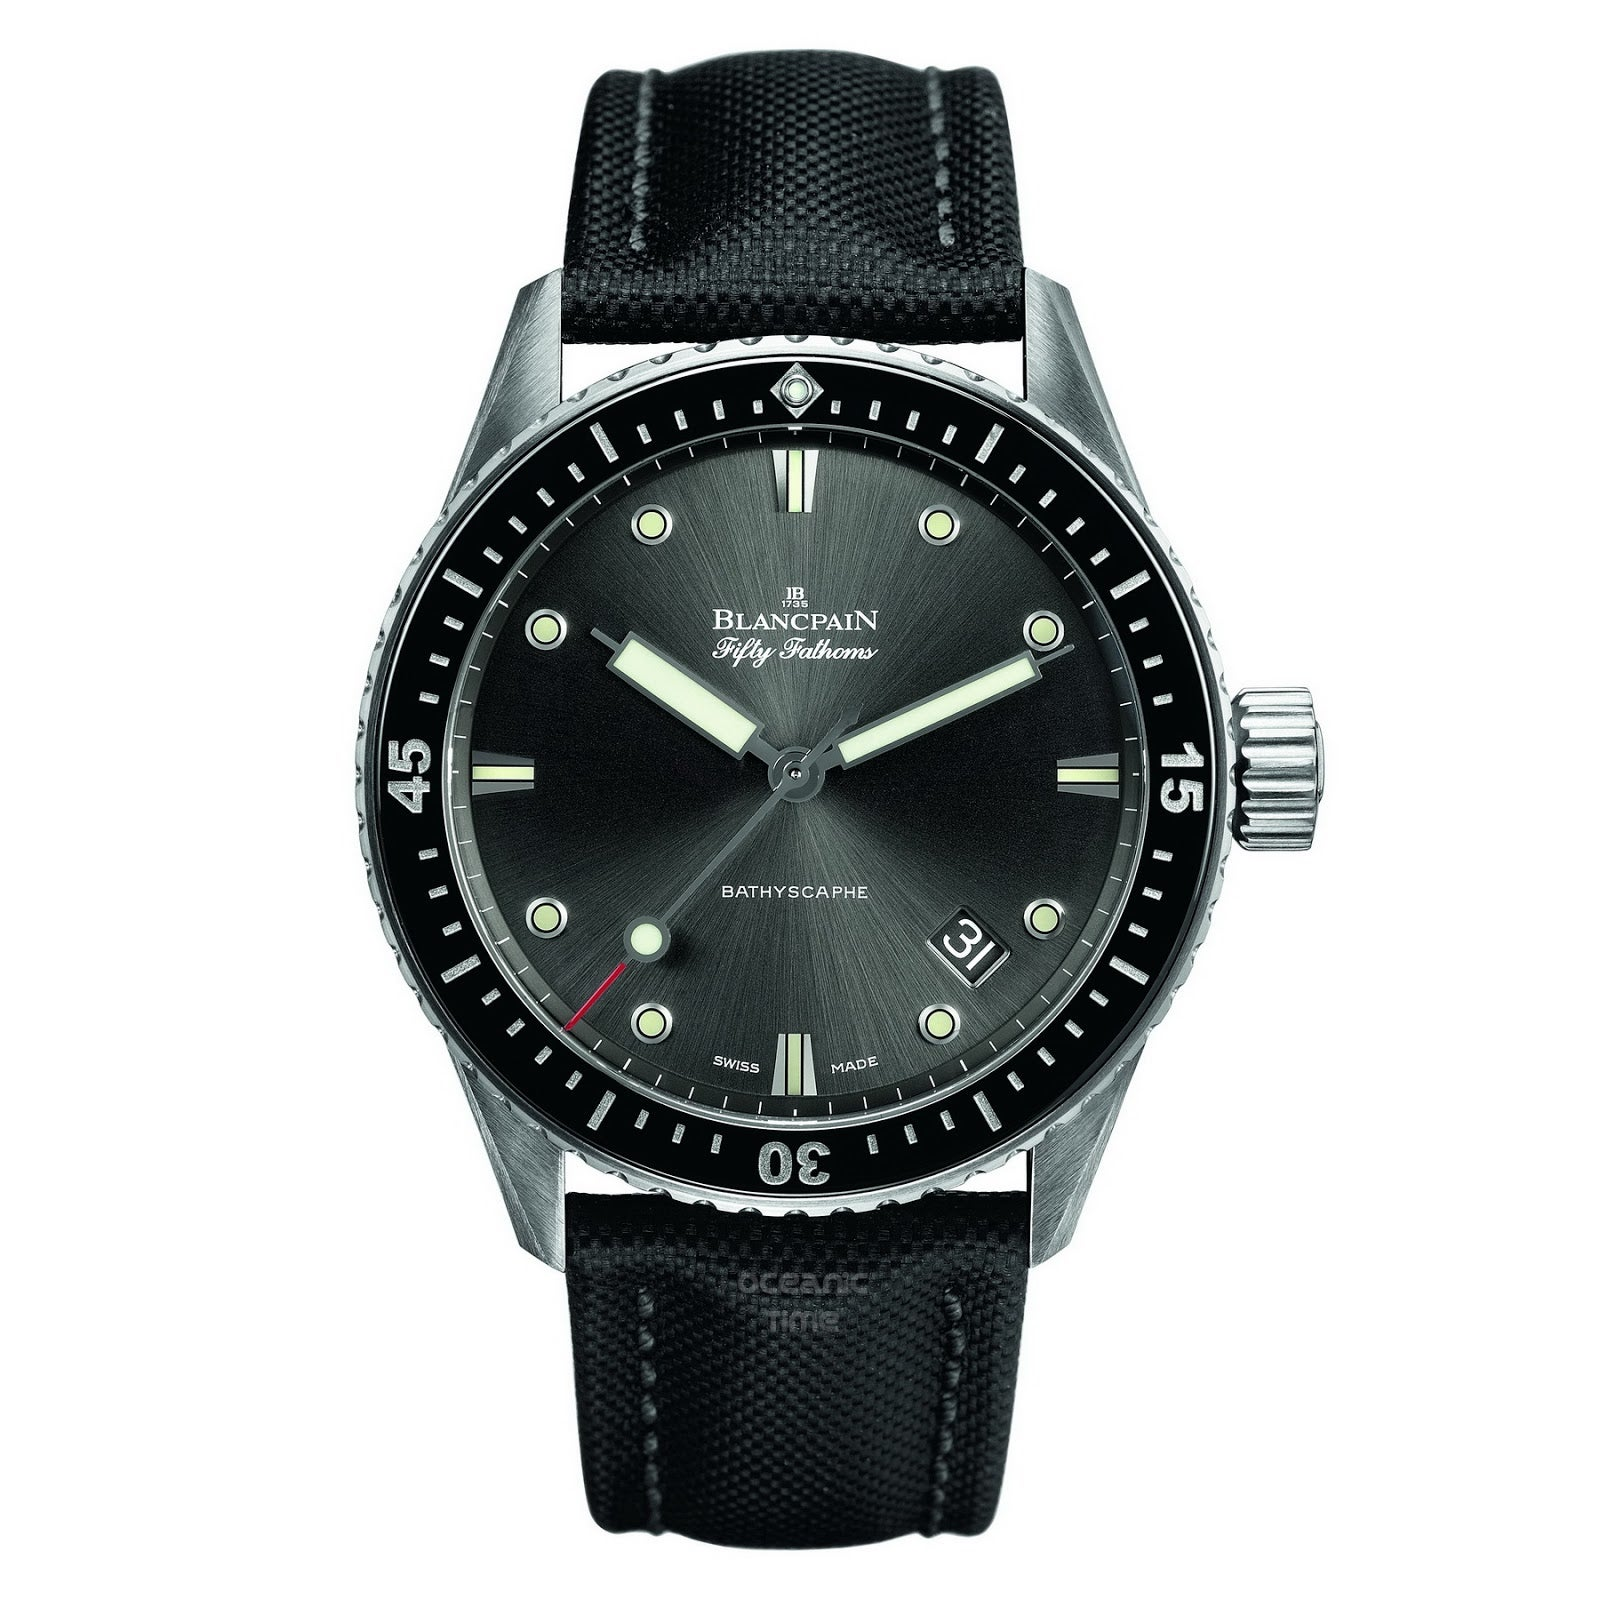 ブランパン 5100B-1110-B52A フィフティファゾムス バチスカーフ 自動巻き時計 未使用の買取強化例です。